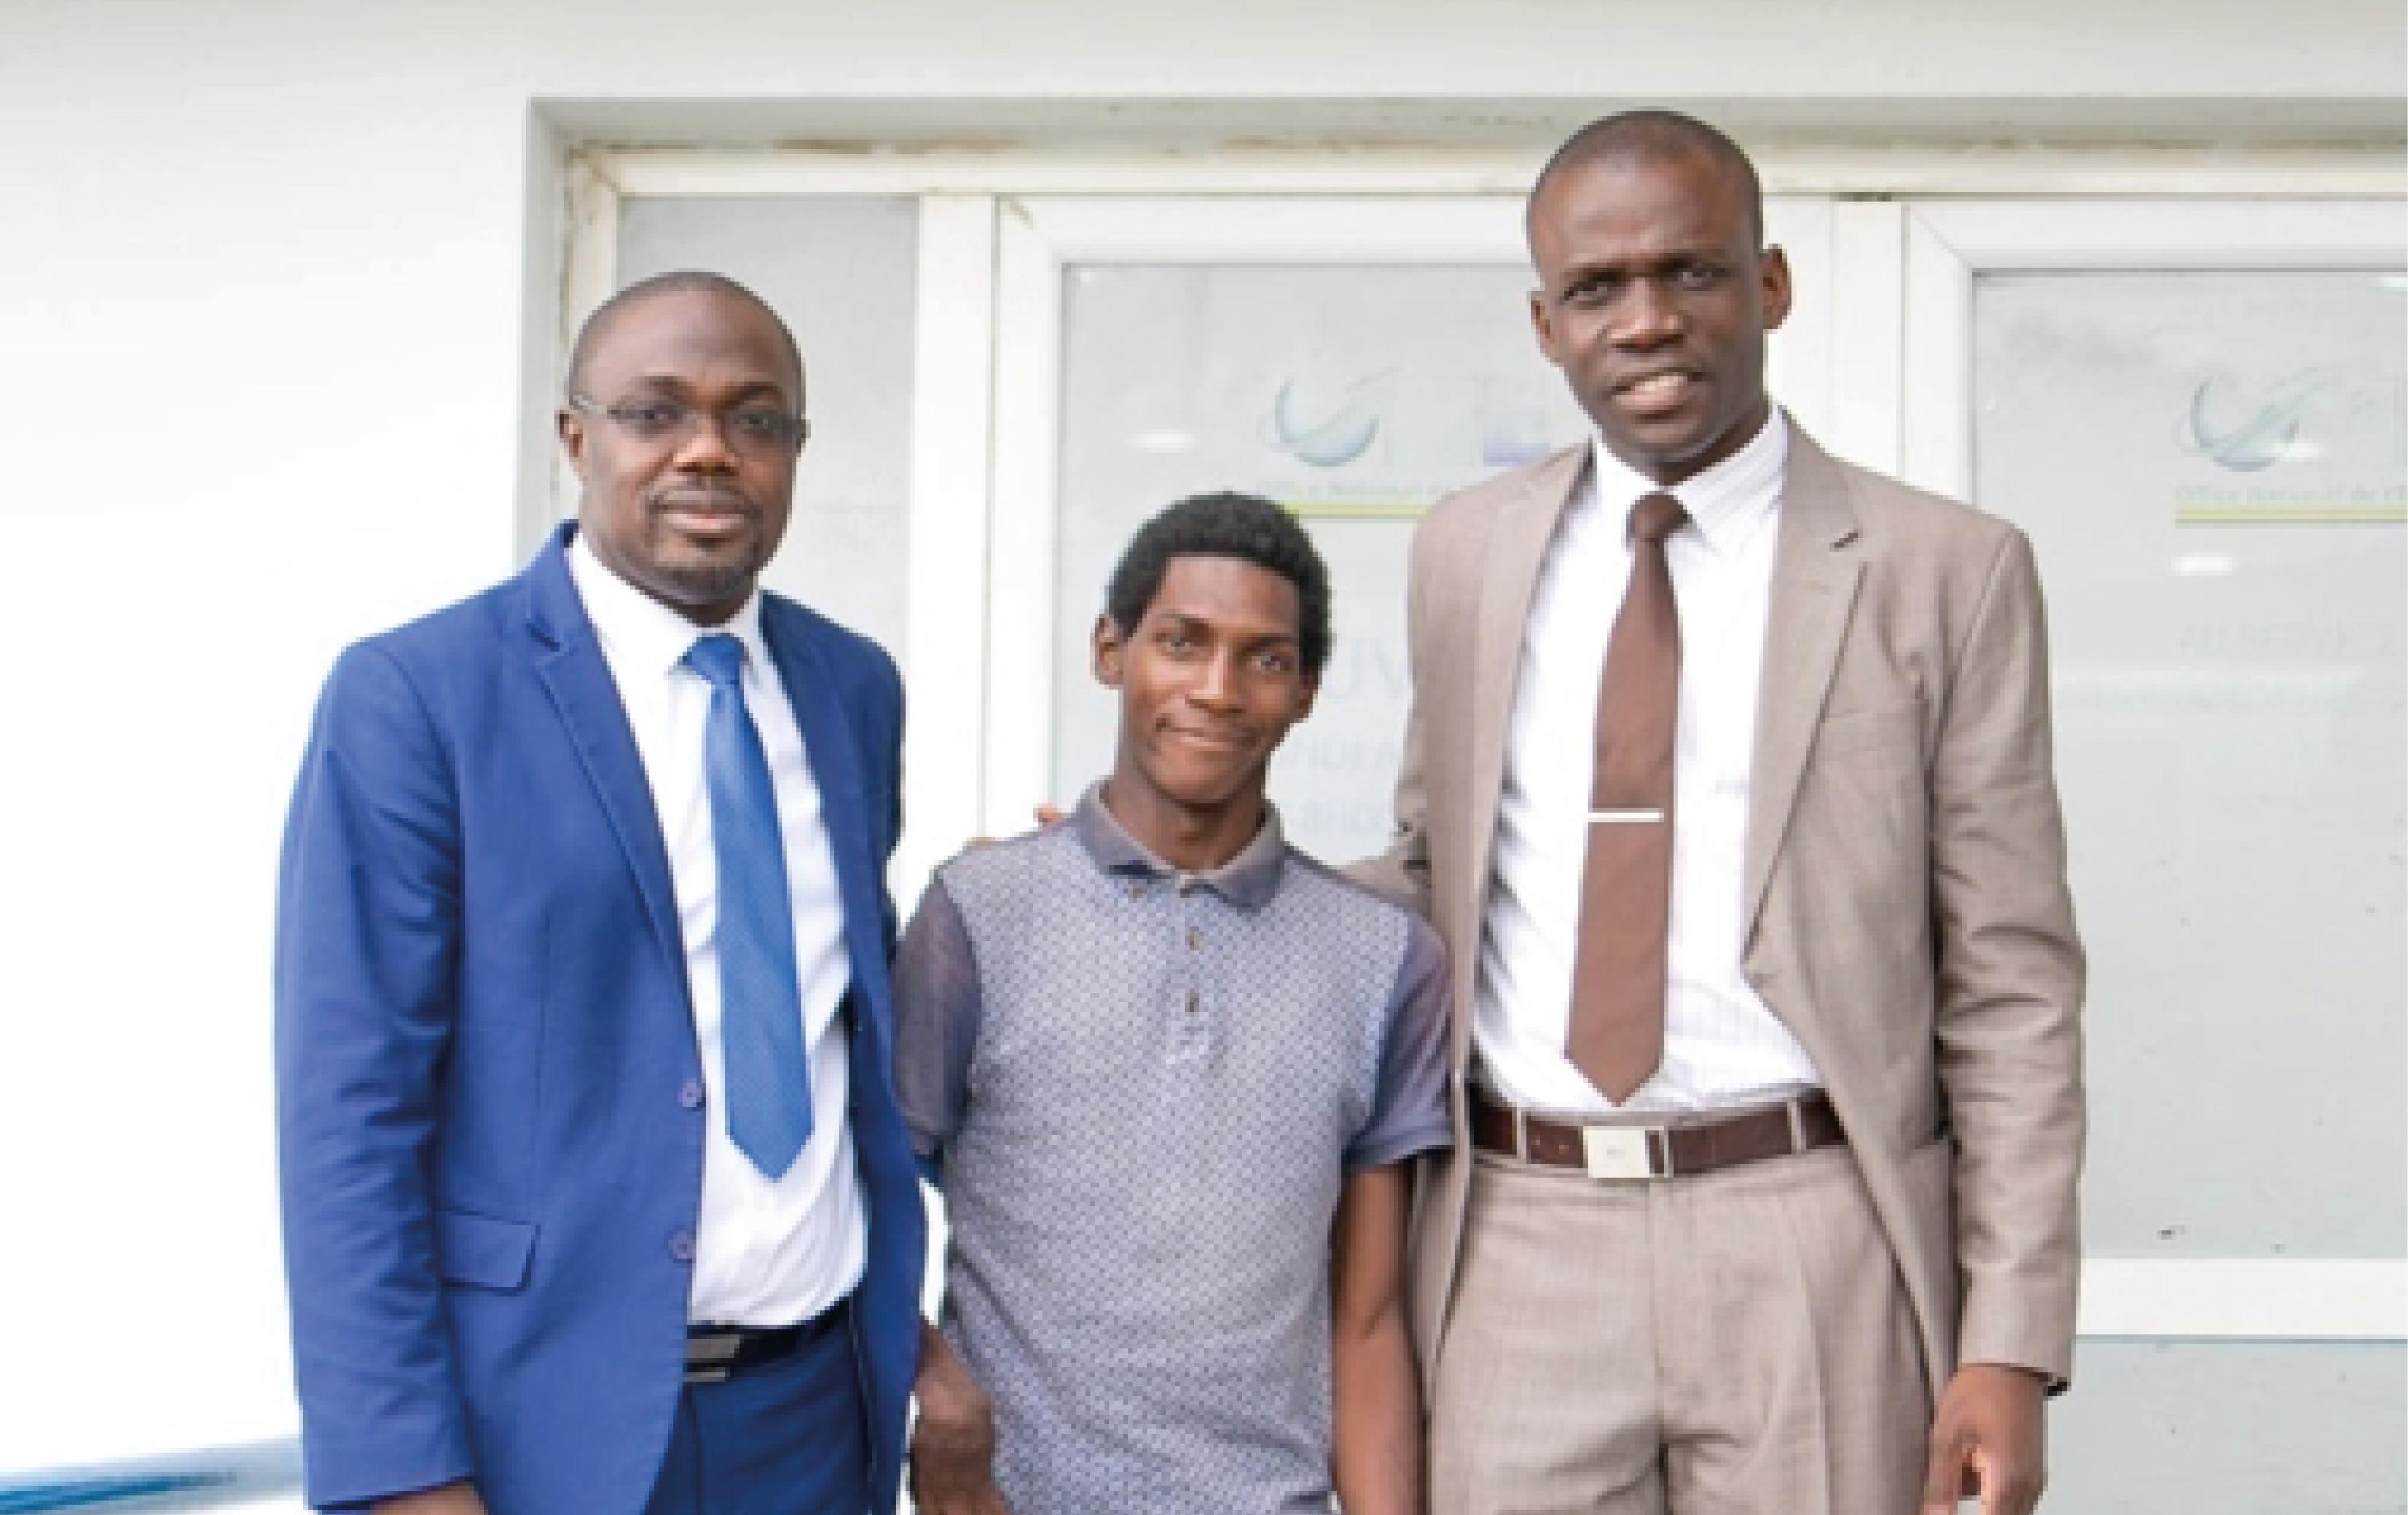 Le Fonds ONE - ENTREPRENDRE répond à l'appel lancé via les réseaux sociaux par le Jeune BONGO Faucuche